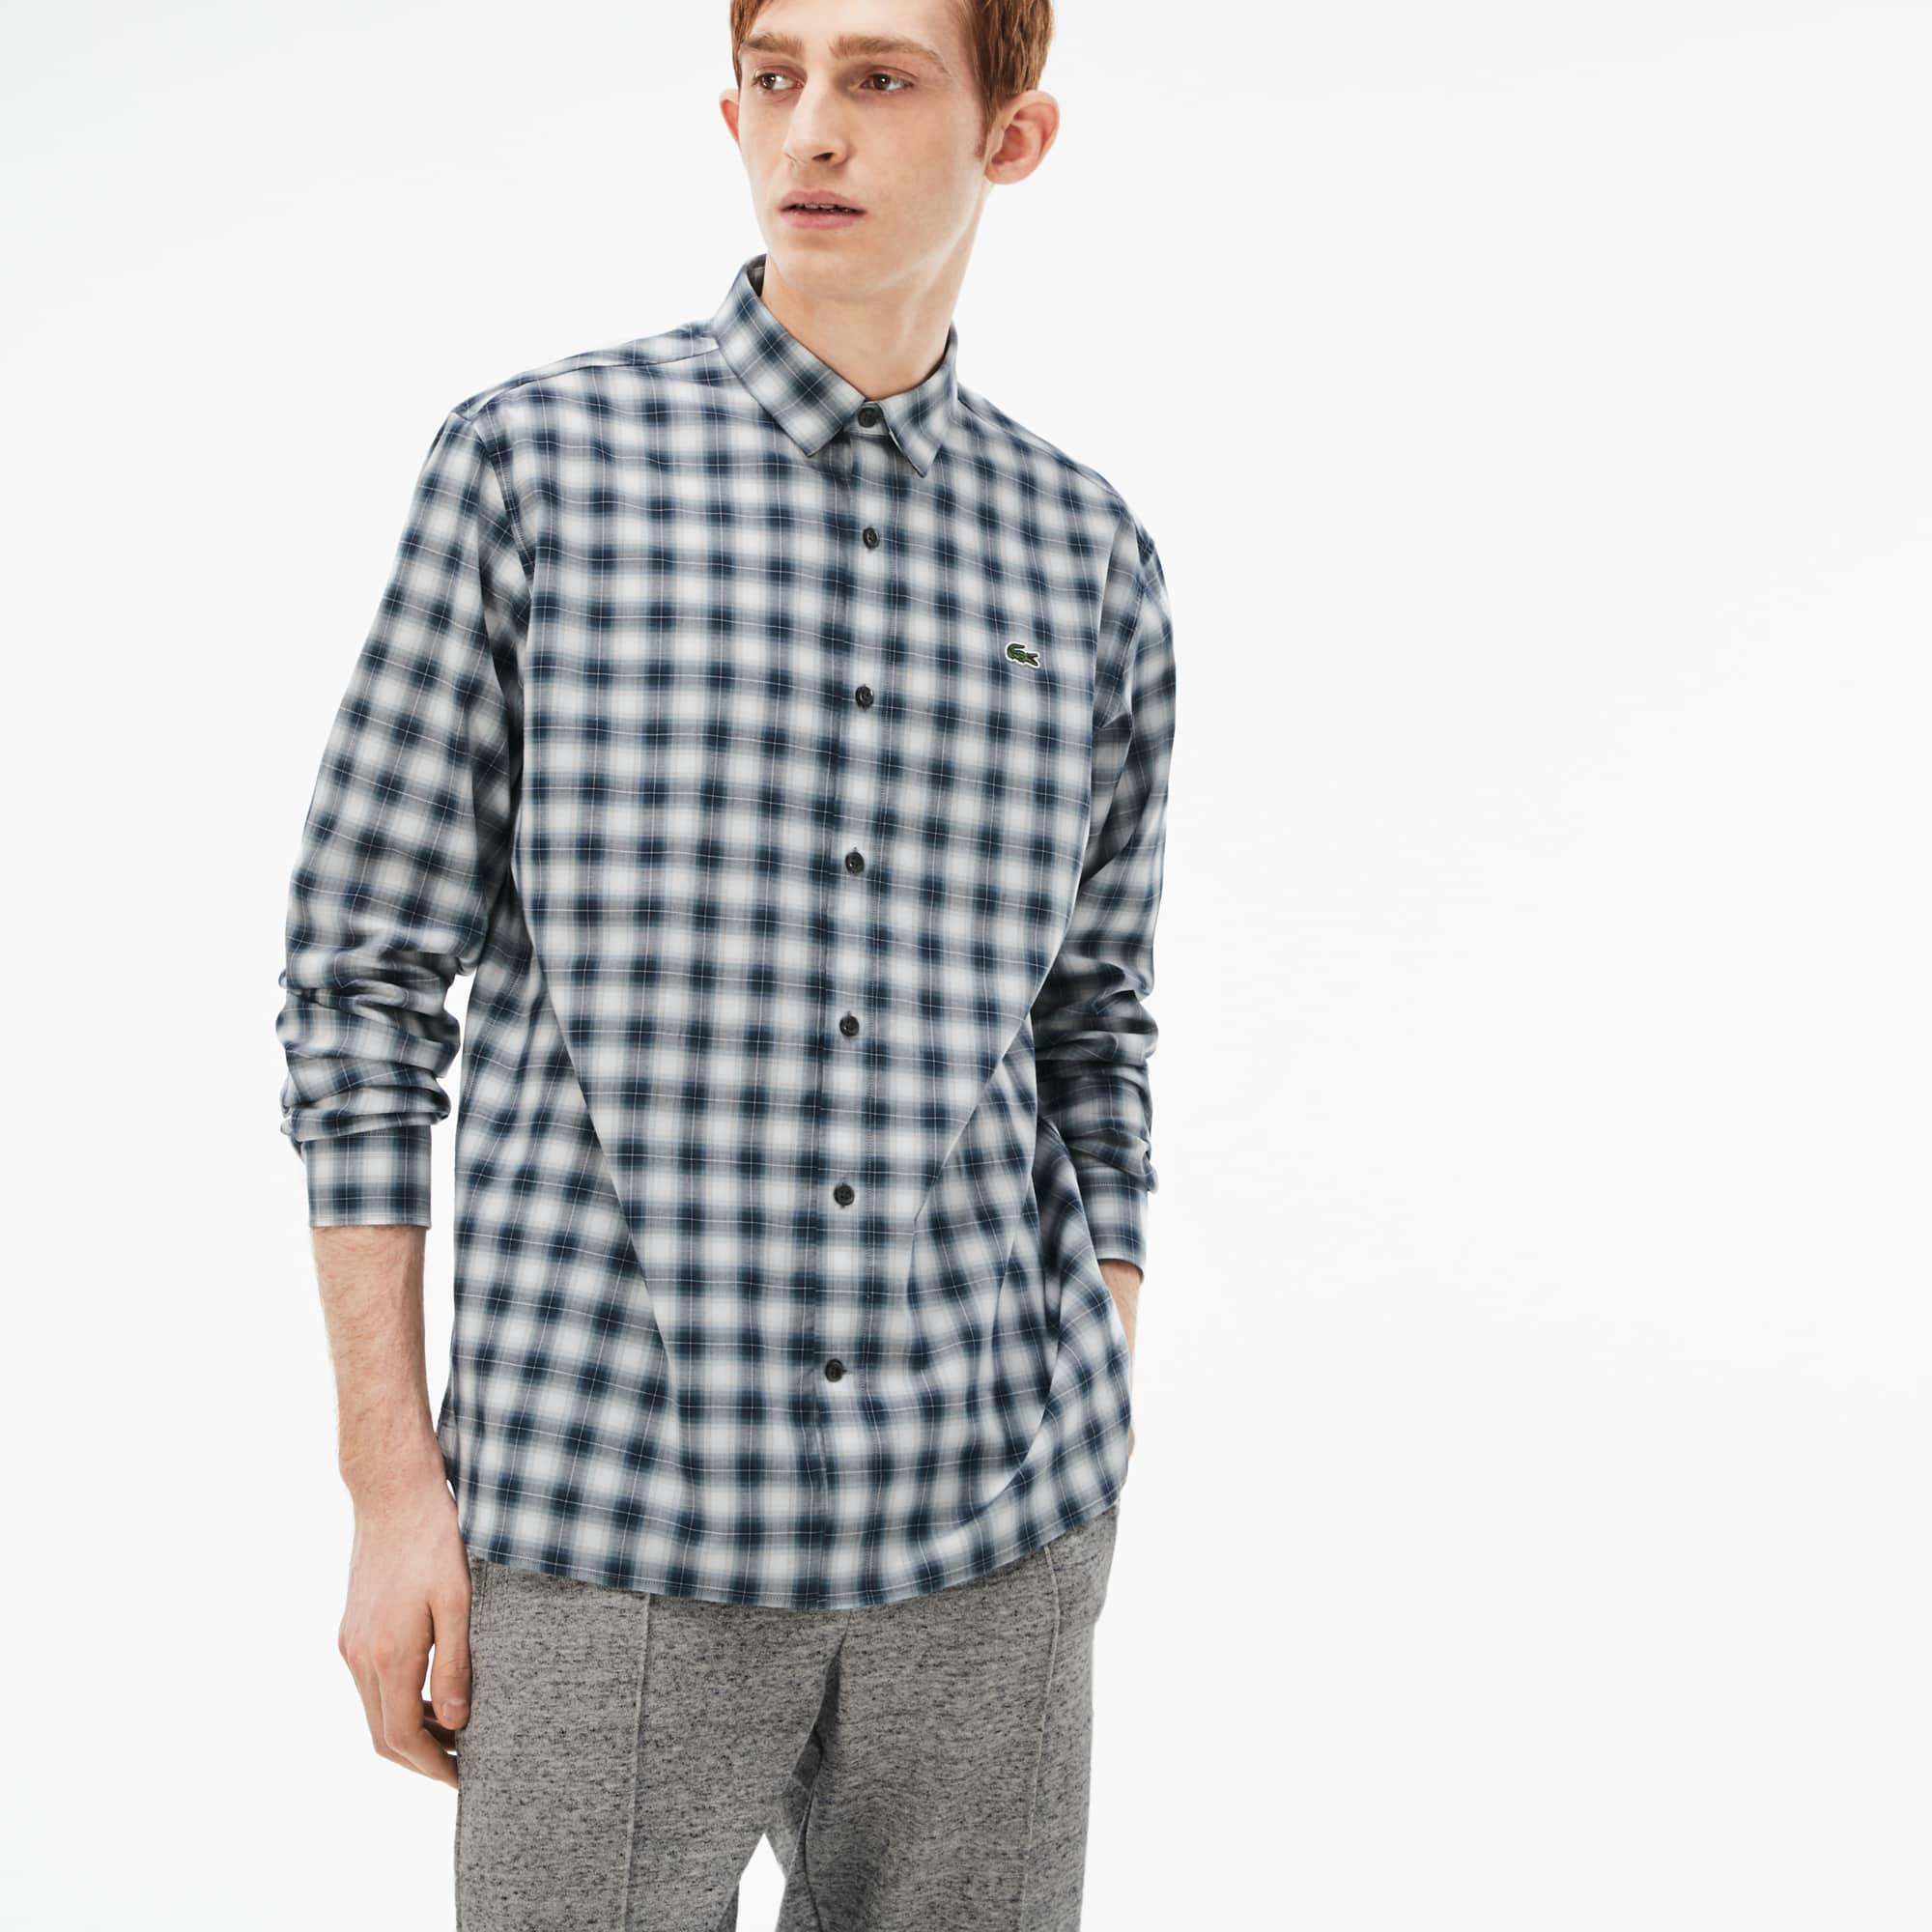 Camisa boxy fit Lacoste LIVE em popelina aos quadrados